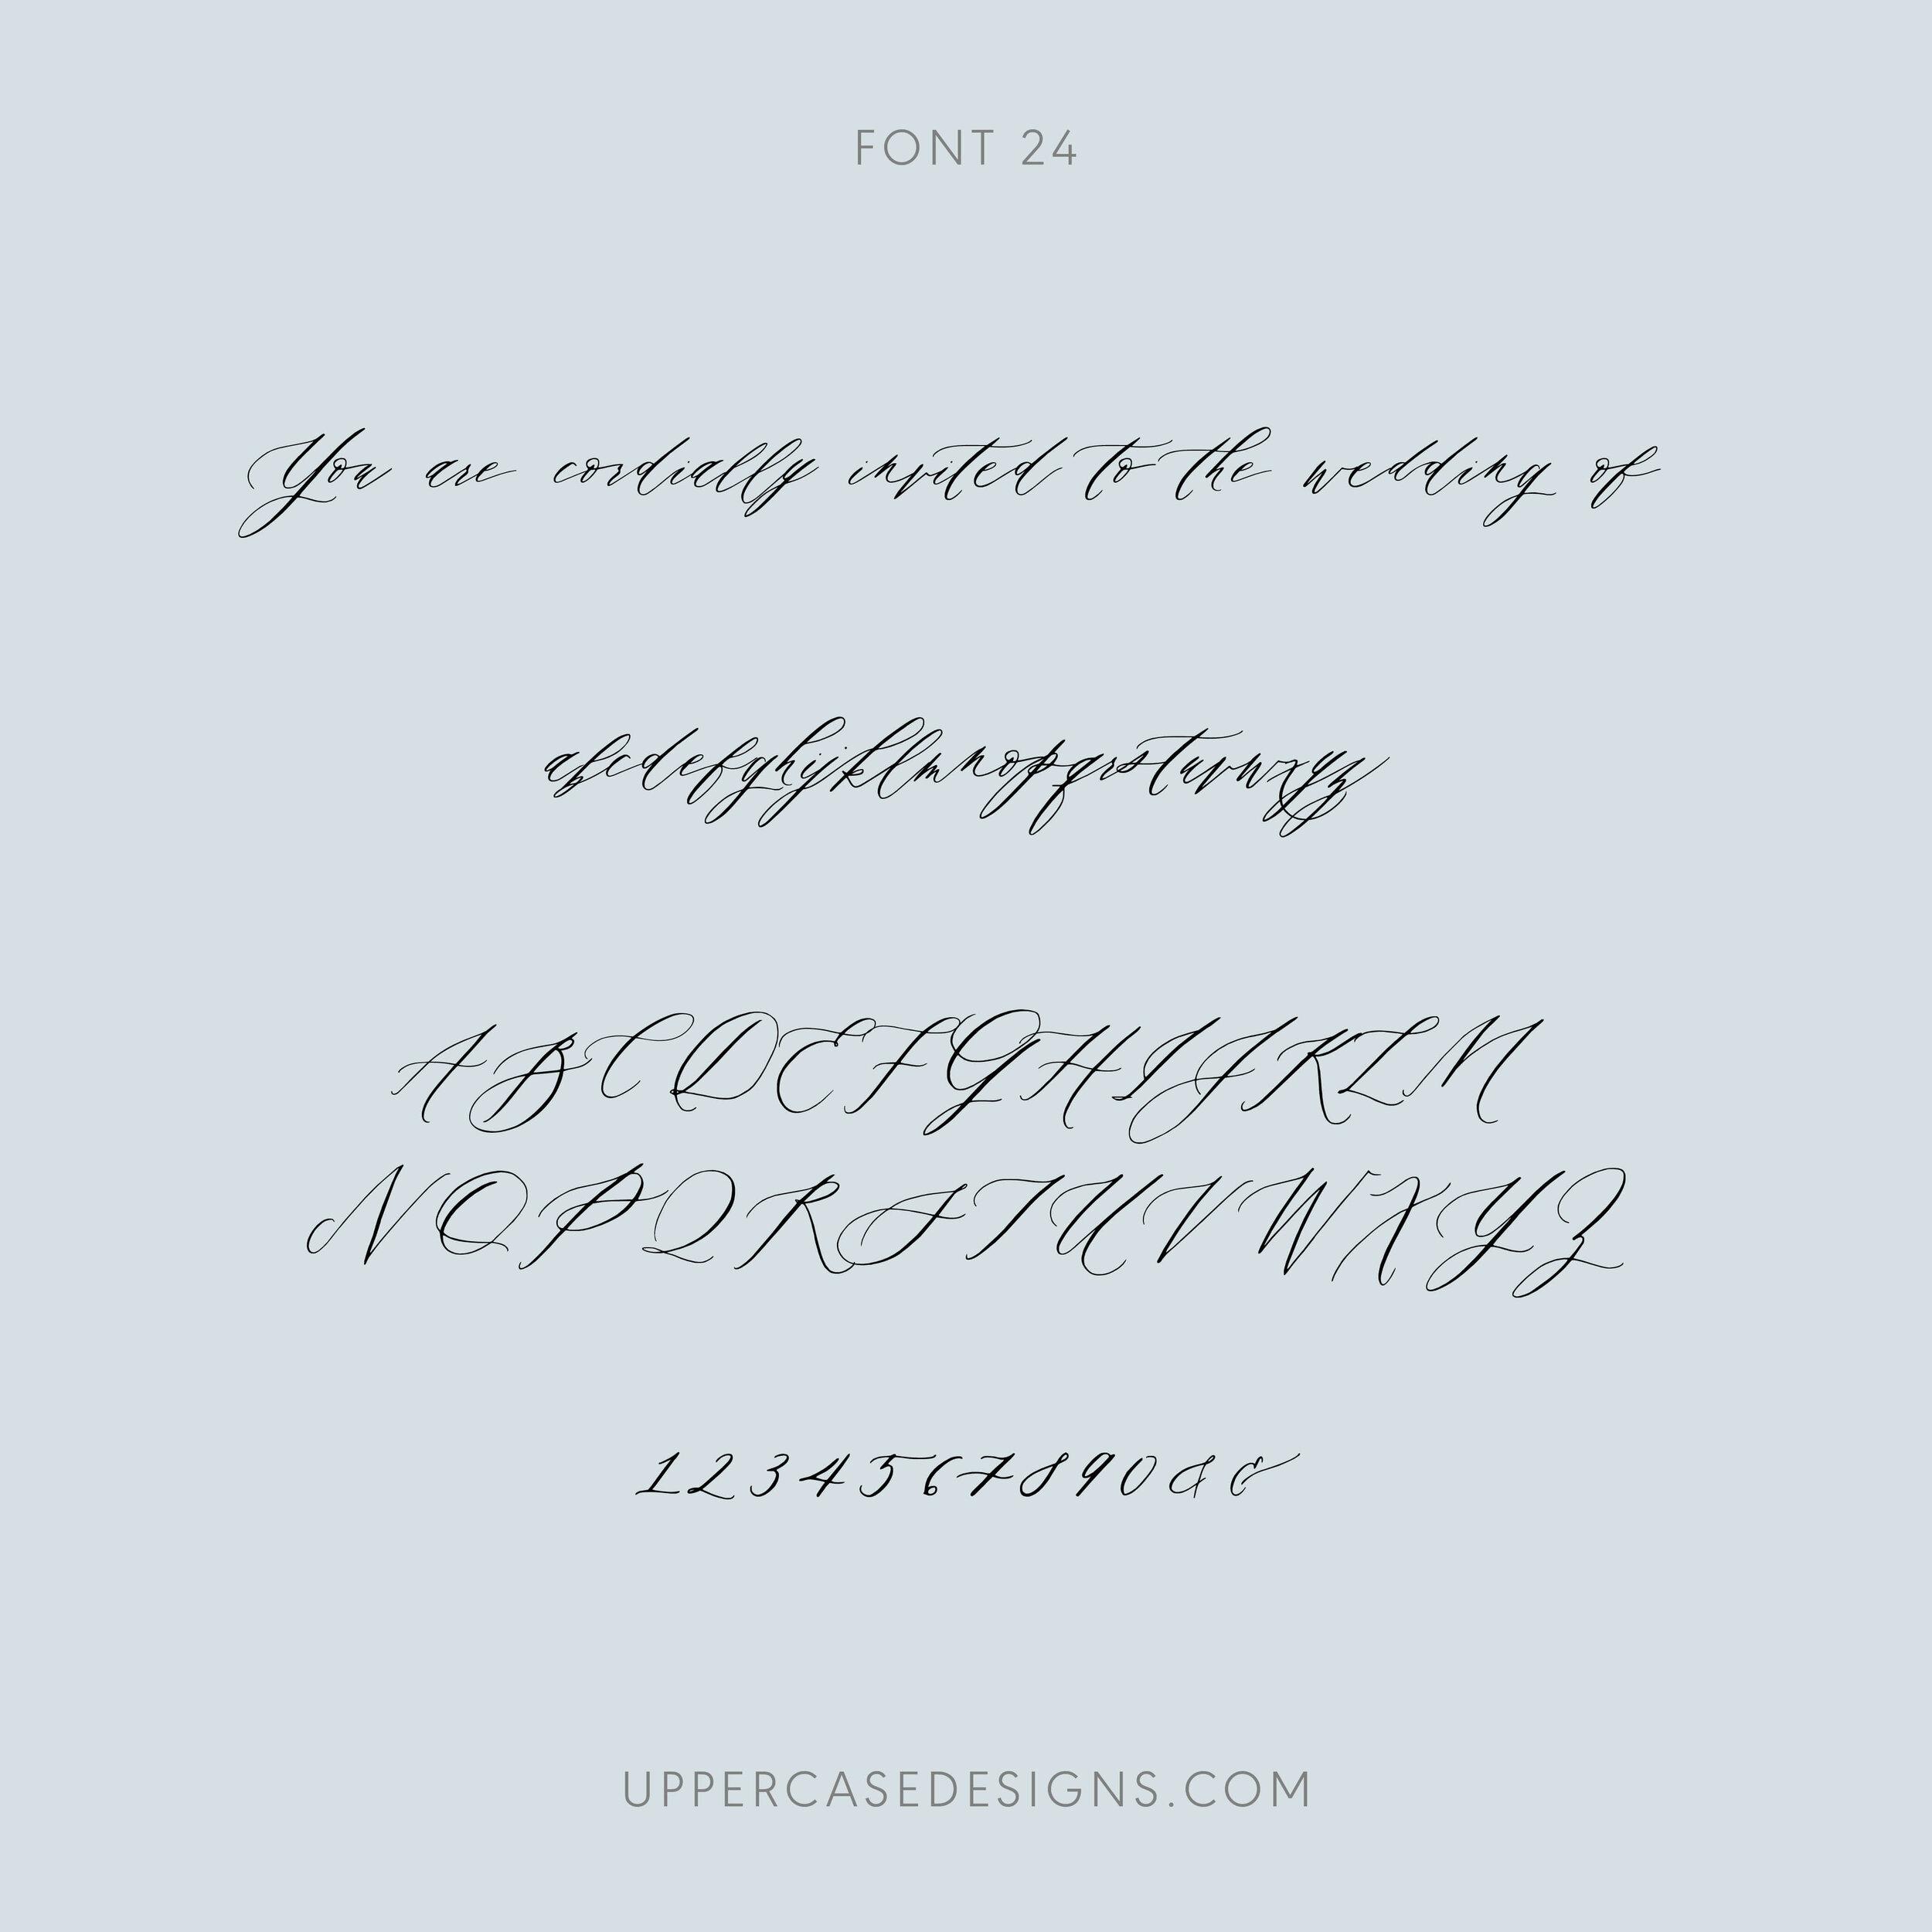 UppercaseDesigns-Fonts-202024.jpg